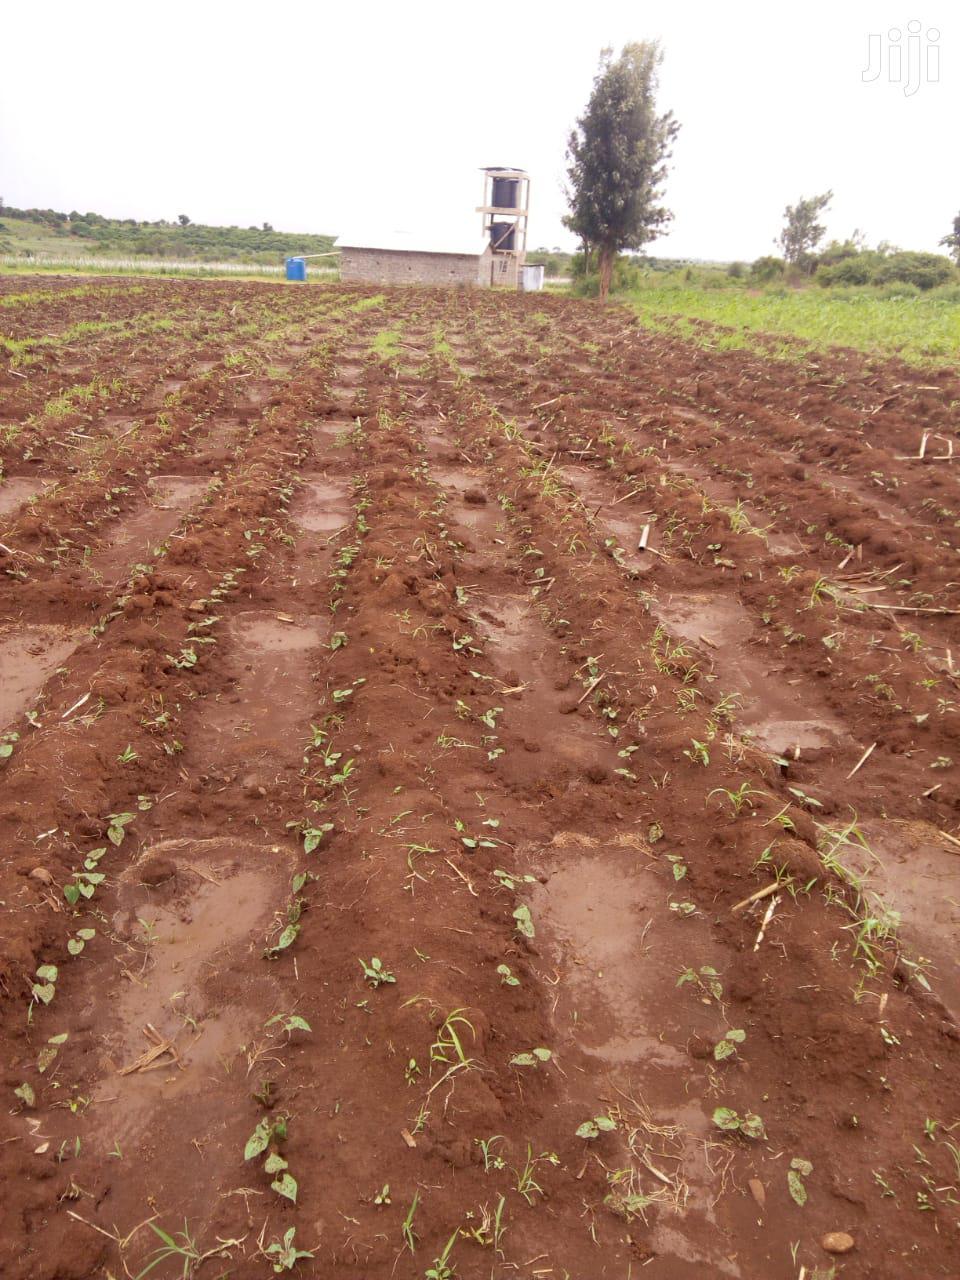 5 Acres For Sale In Kimbimbi Kirinyaga | Land & Plots For Sale for sale in Mutithi, Kirinyaga, Kenya